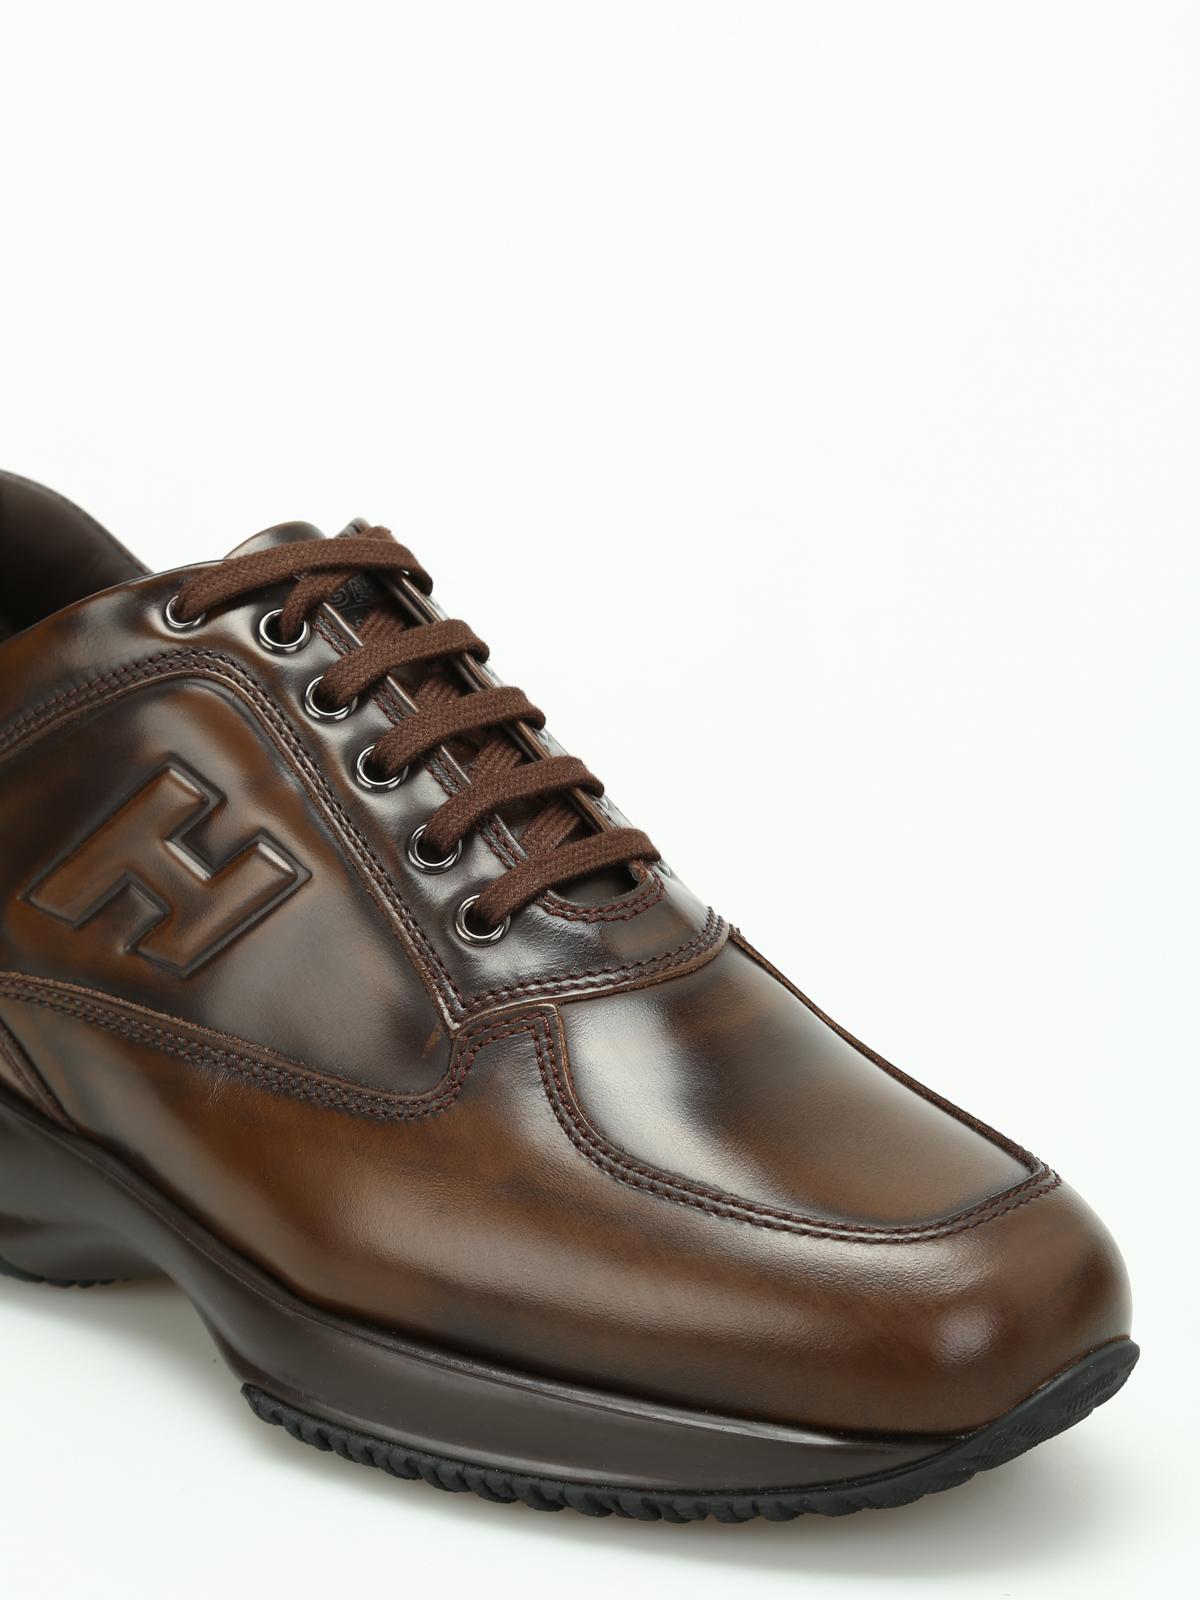 Hogan Shoes Interactive Sale